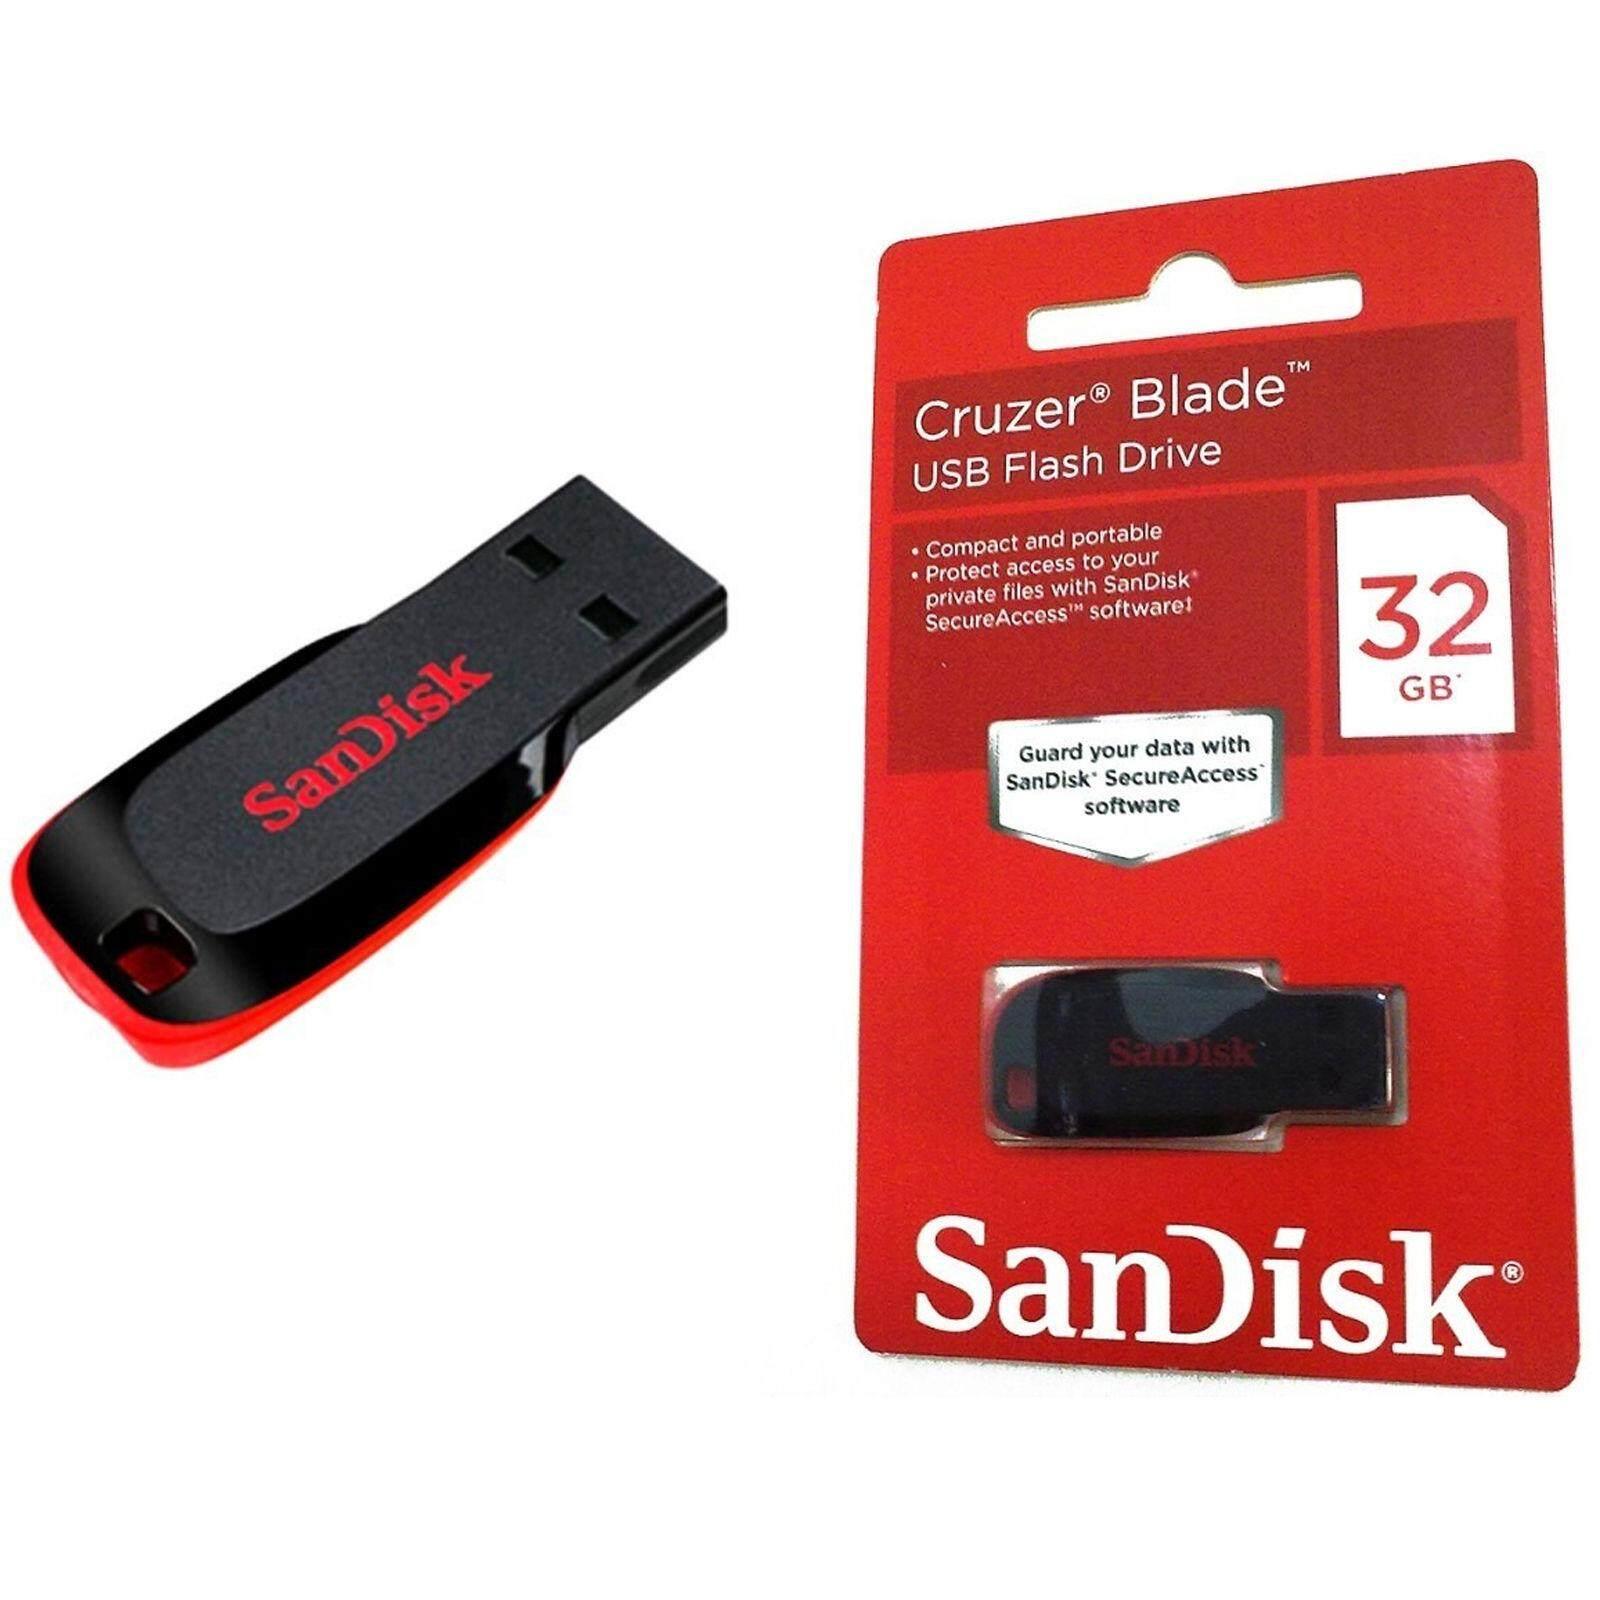 Image result for sandisk 32gb